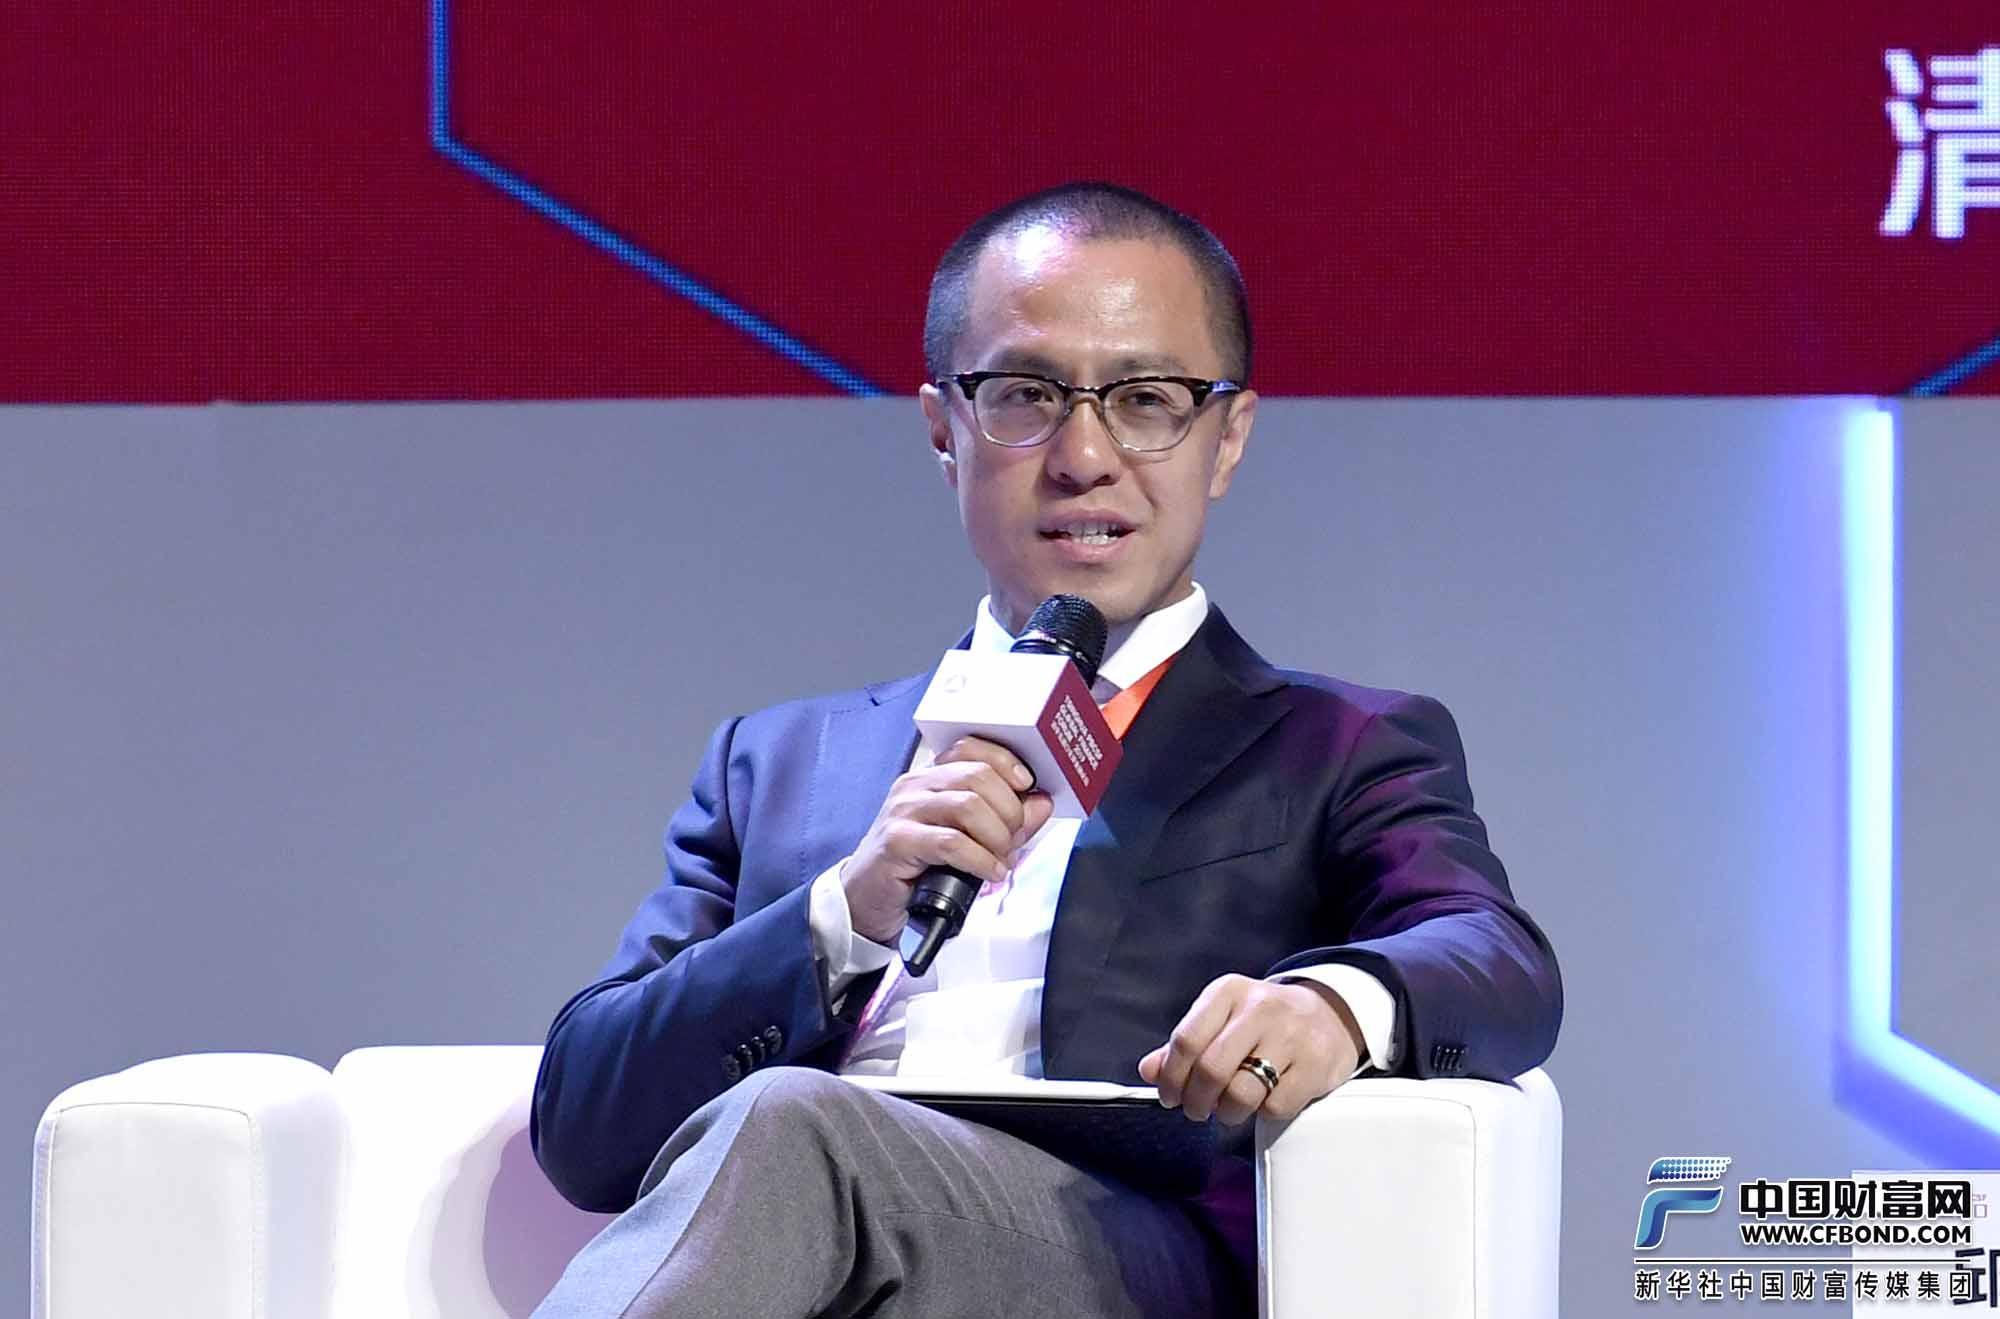 对话嘉宾:中国国际金融股份有限公司投资银行部执行总经理程达明